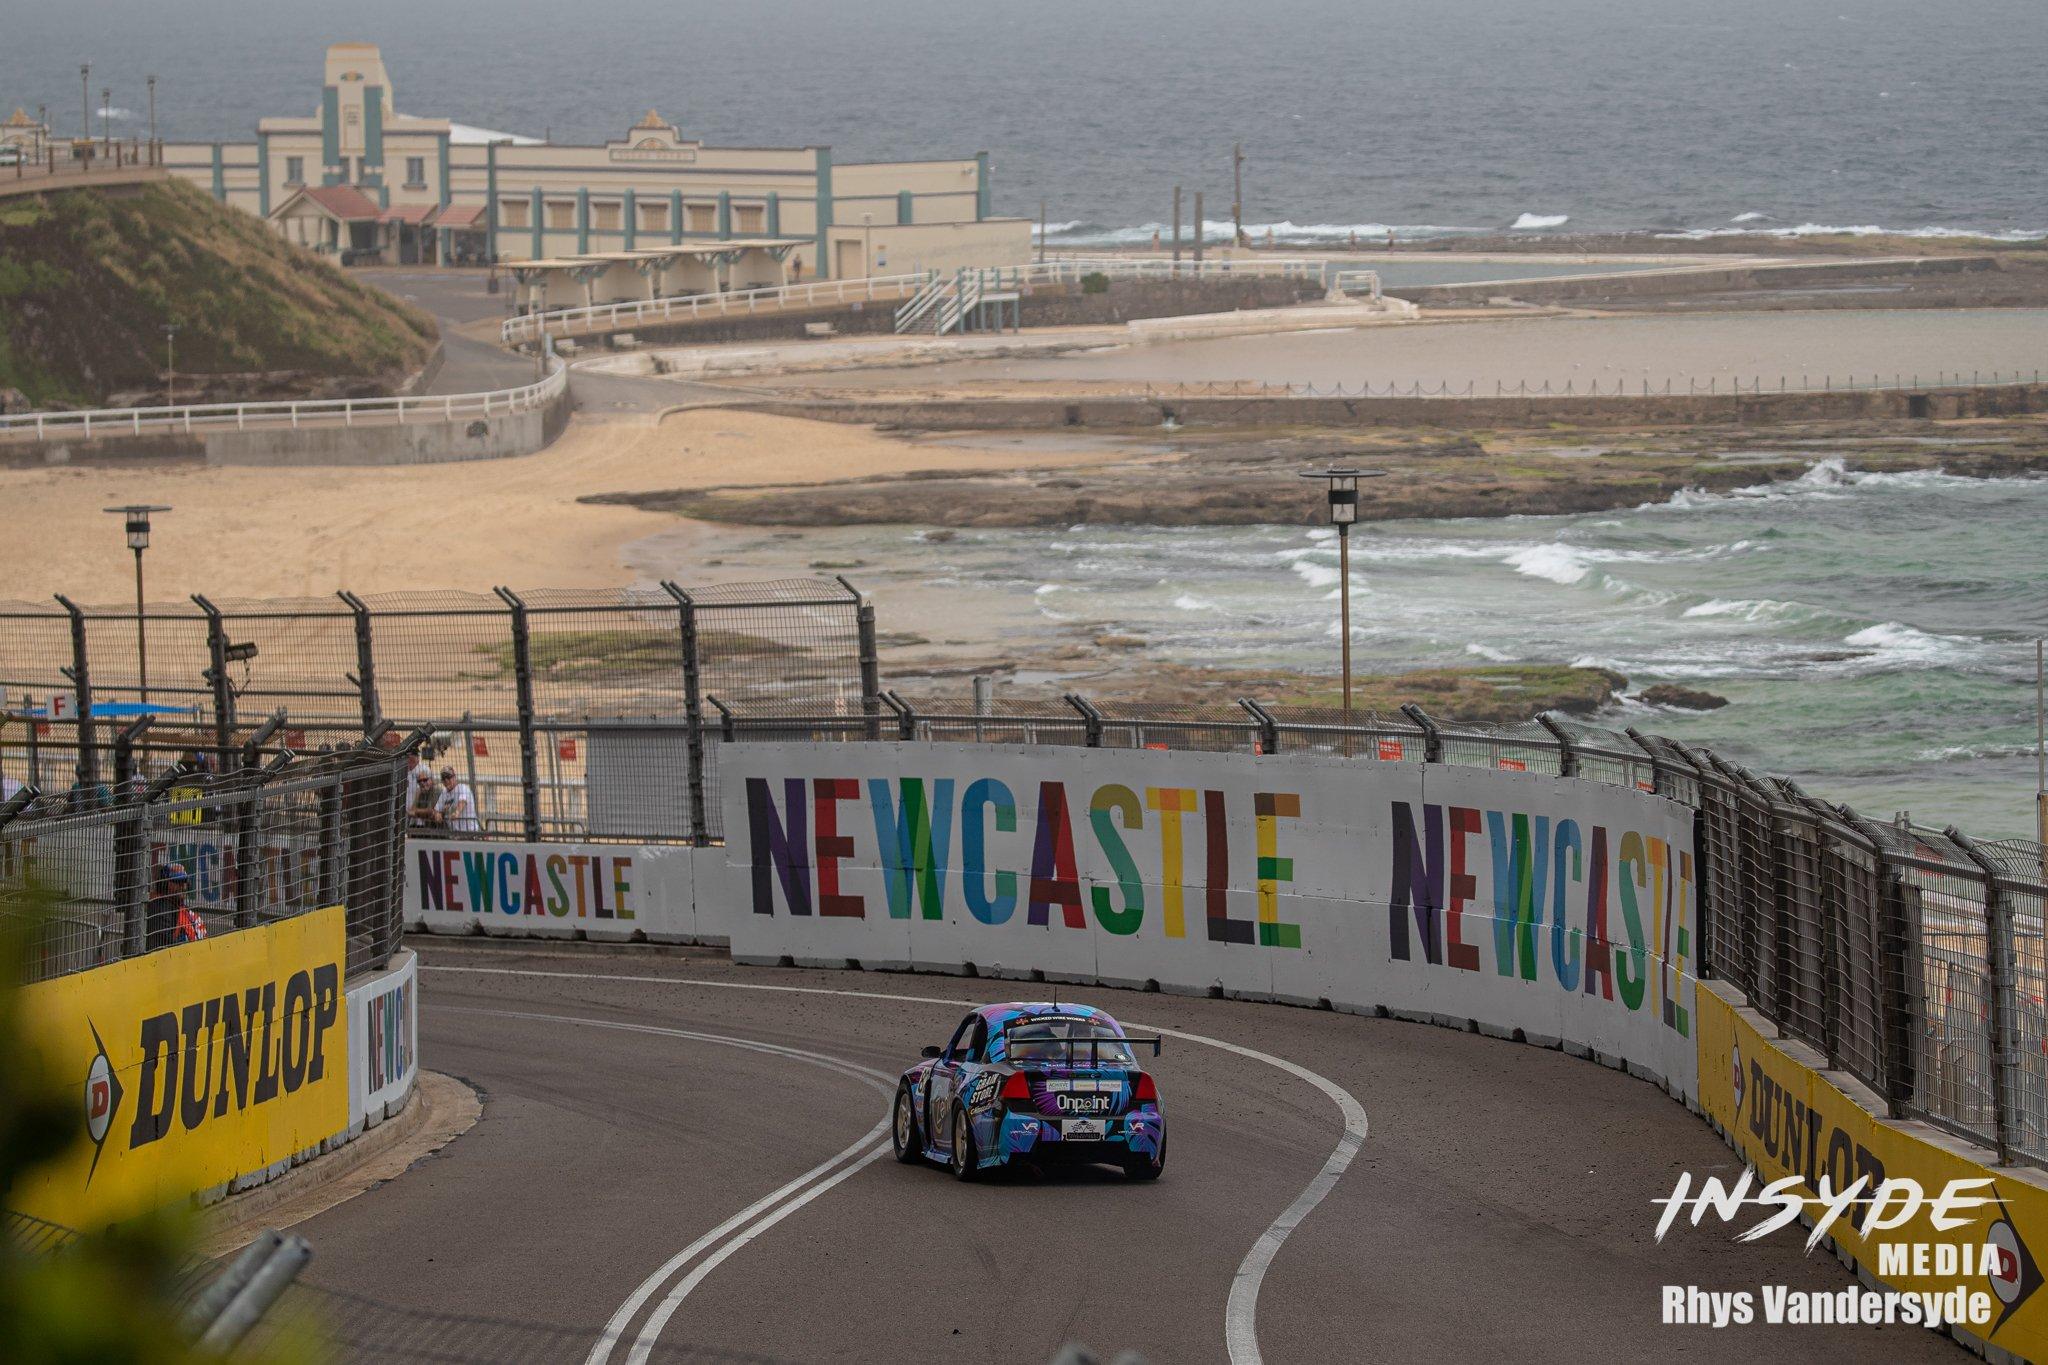 Cody McKay in Newcastle